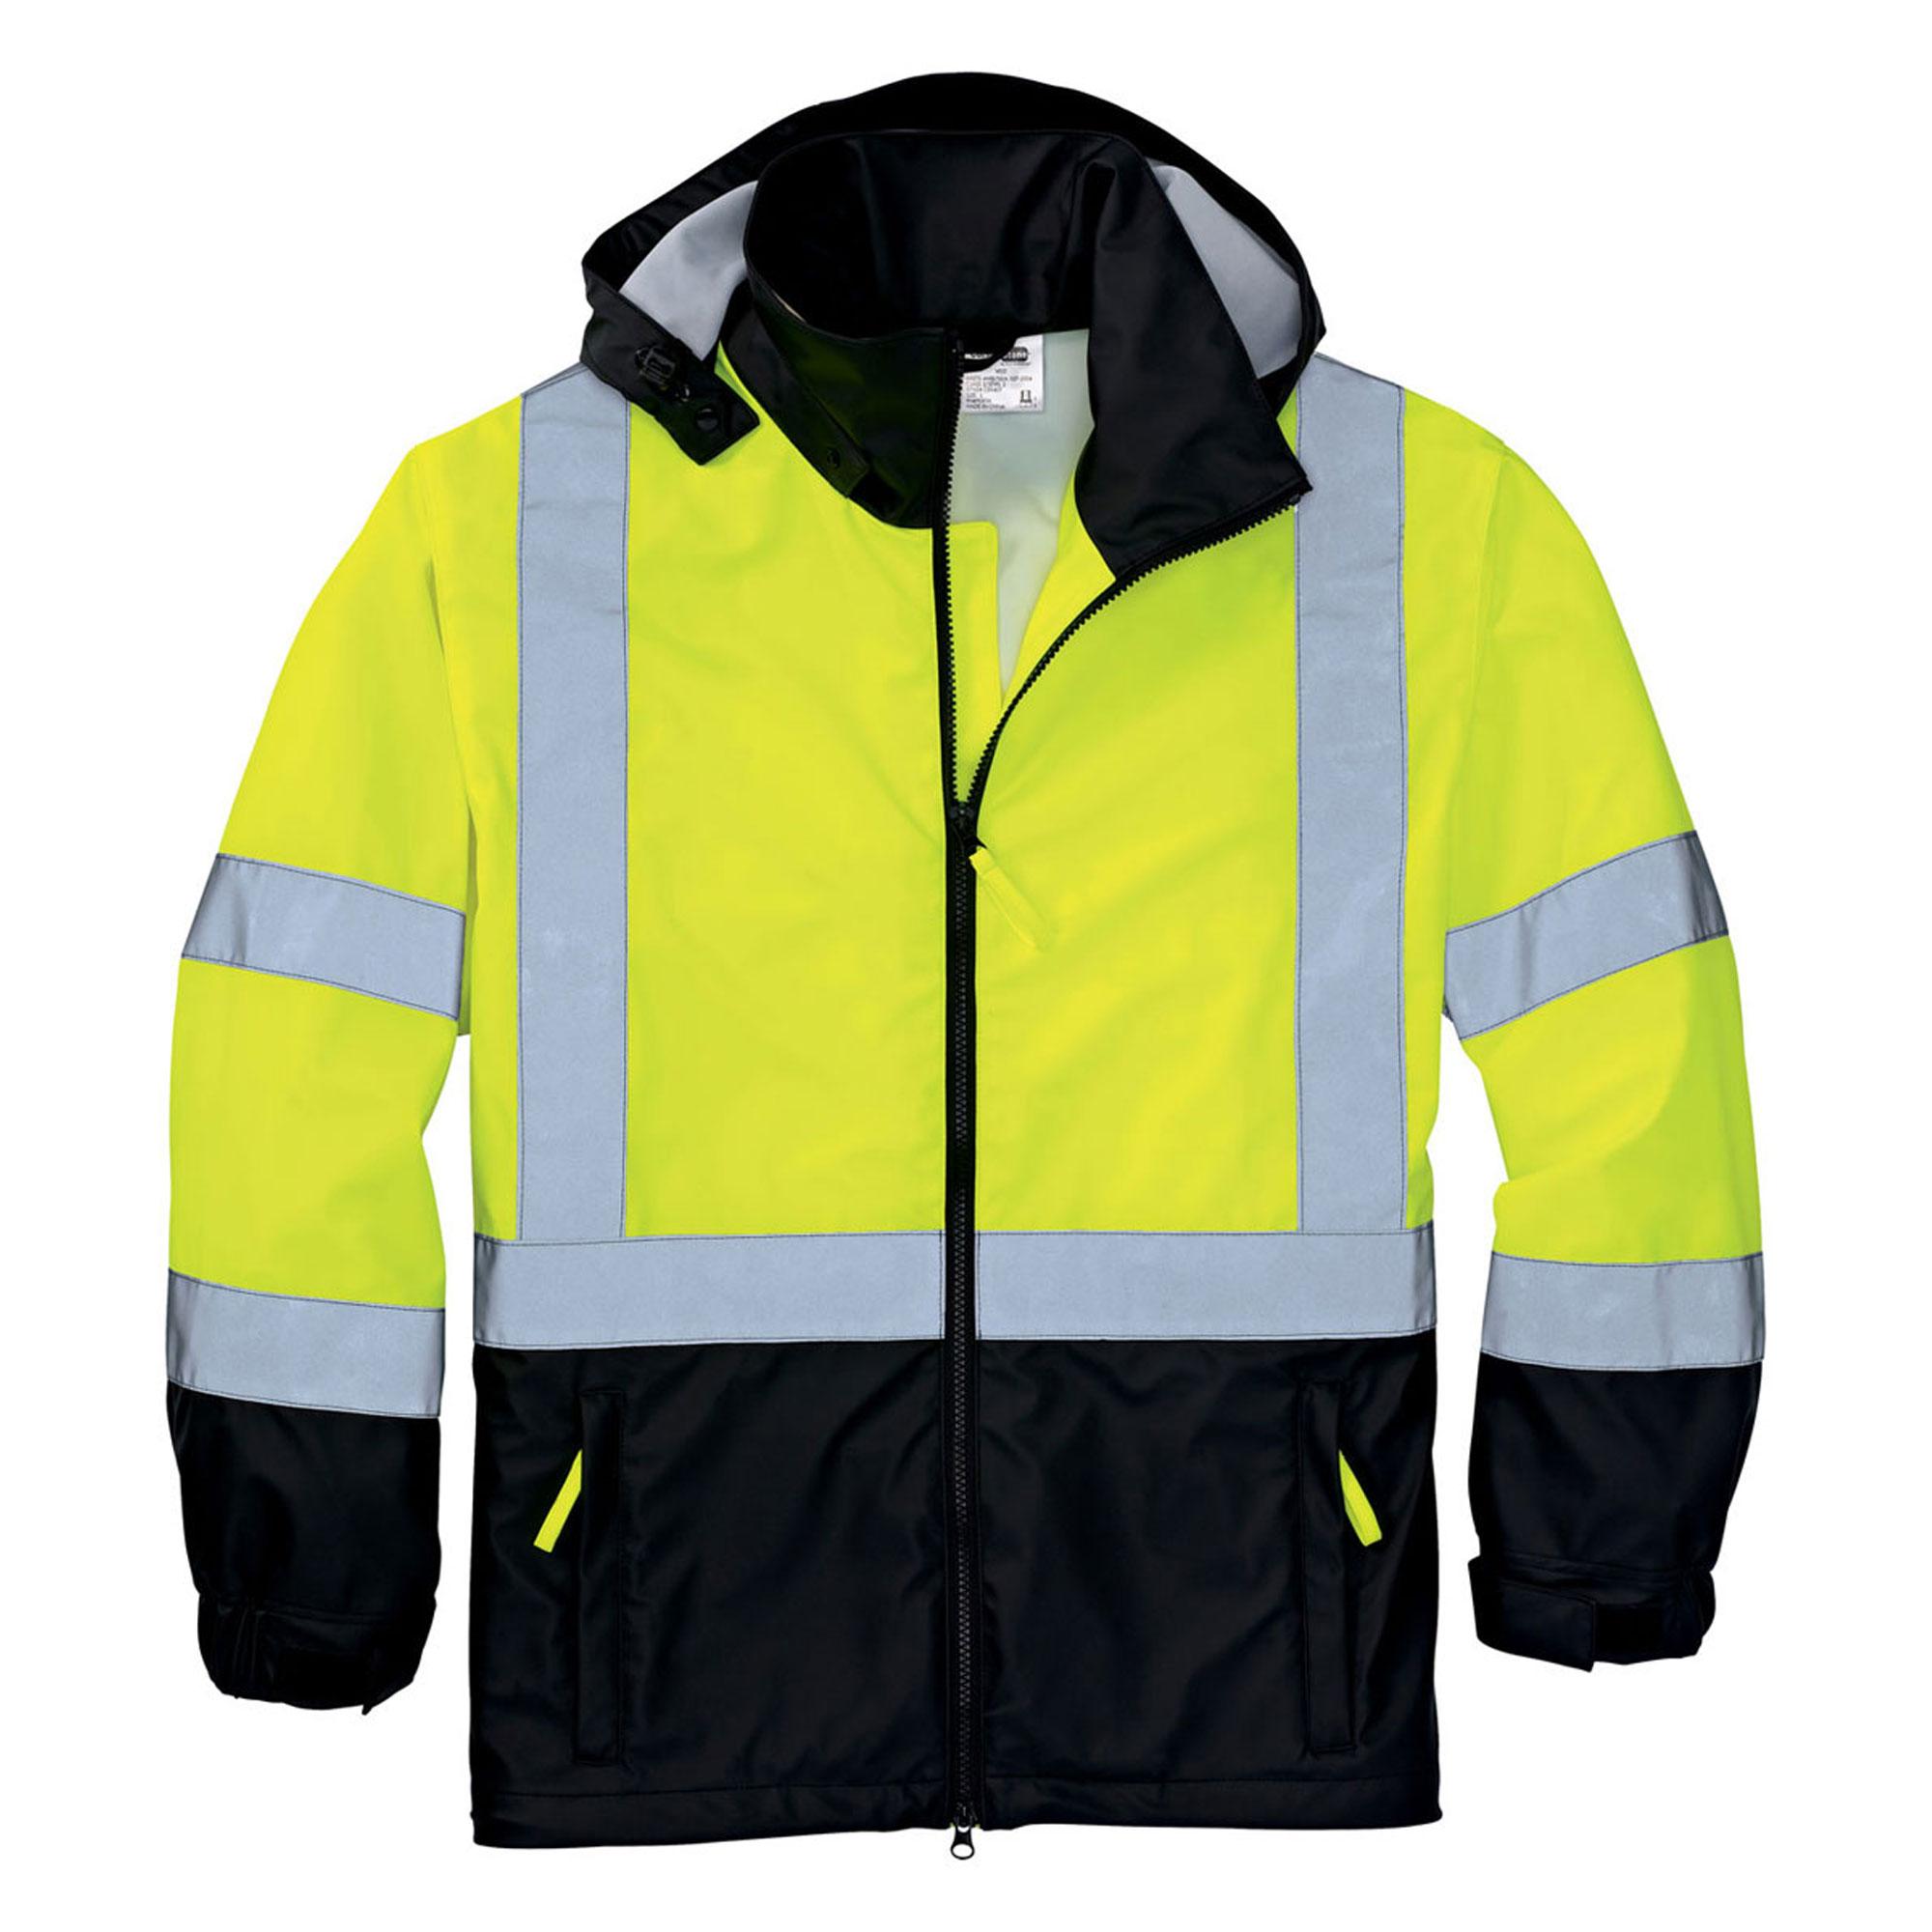 Cornerstone Men's Waterproof Safety Windbreaker Jacket